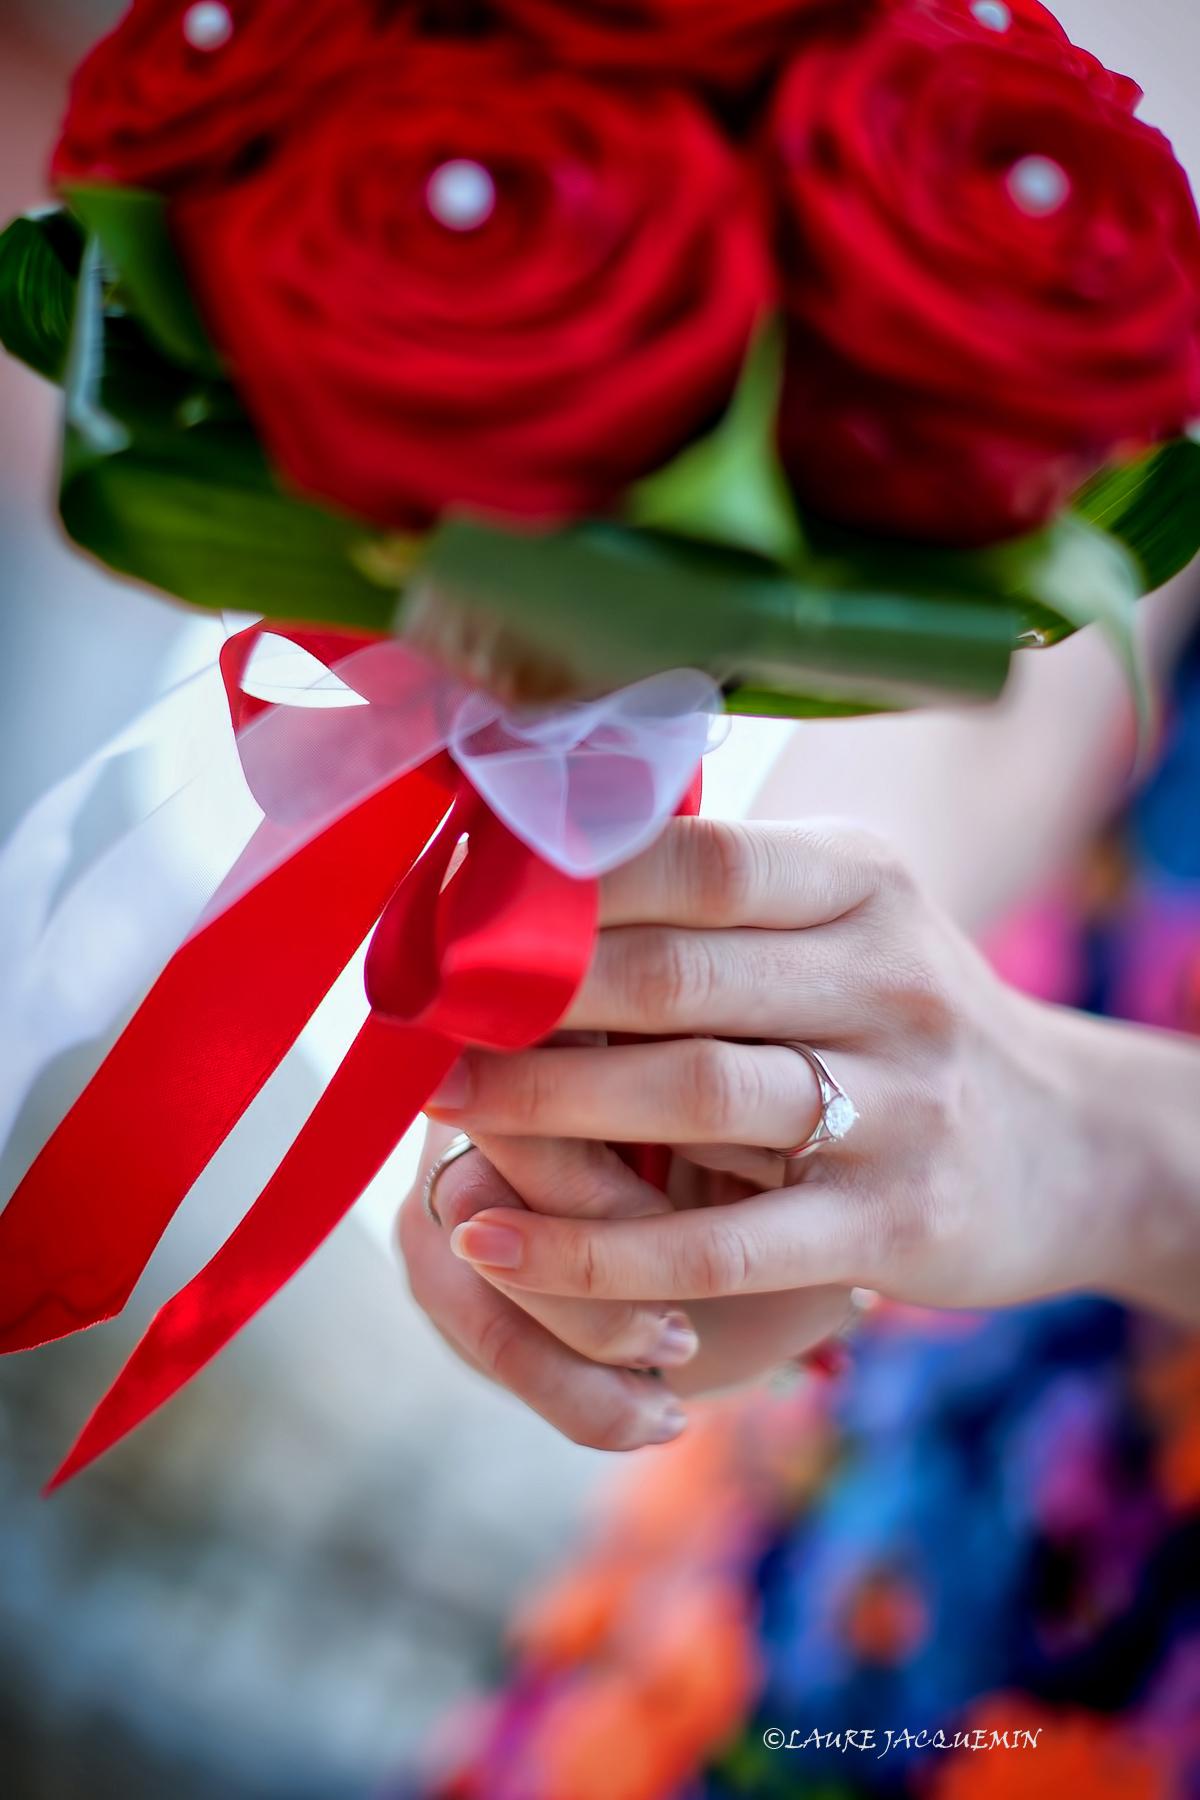 venice proposal venise fiancaille demande mariage gondole photographe (36) copia